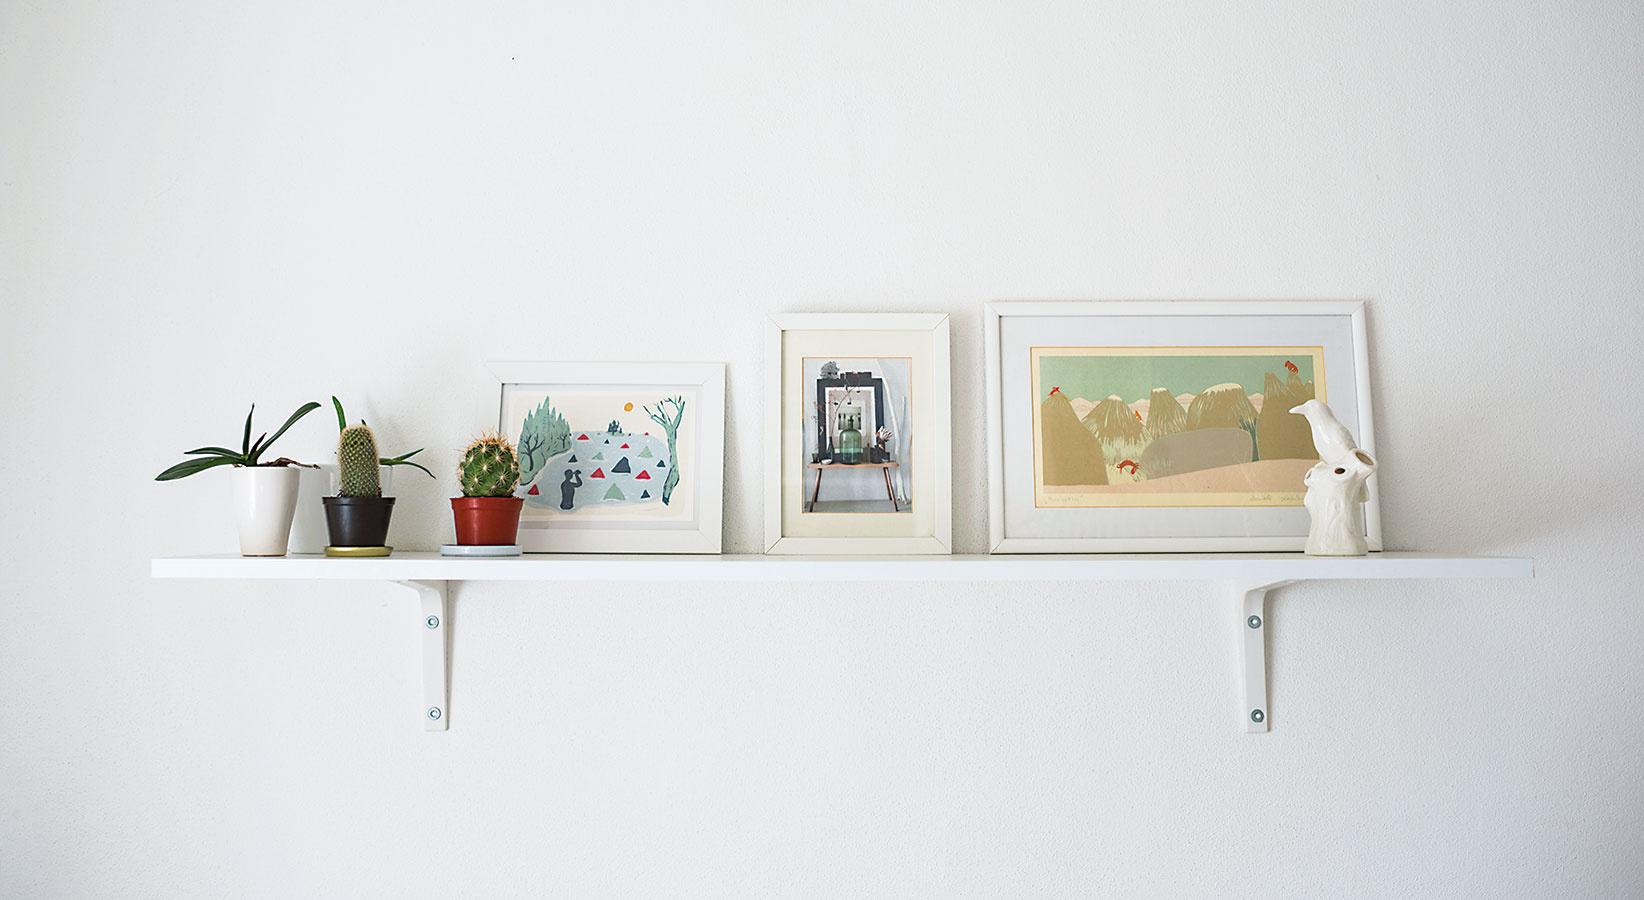 """Obrázky od Daniely Olejníkovej aAlice Raticovej – jeden kúpila Zuzana pred rokmi za pár eur, ďalší dostala do daru. """"Vtedy ešte neboli známe, ale tie obrázky sa mi veľmi páčili,"""" hovorí Zuzana, ktorá im našla miesto na poličke nad sedačkou."""